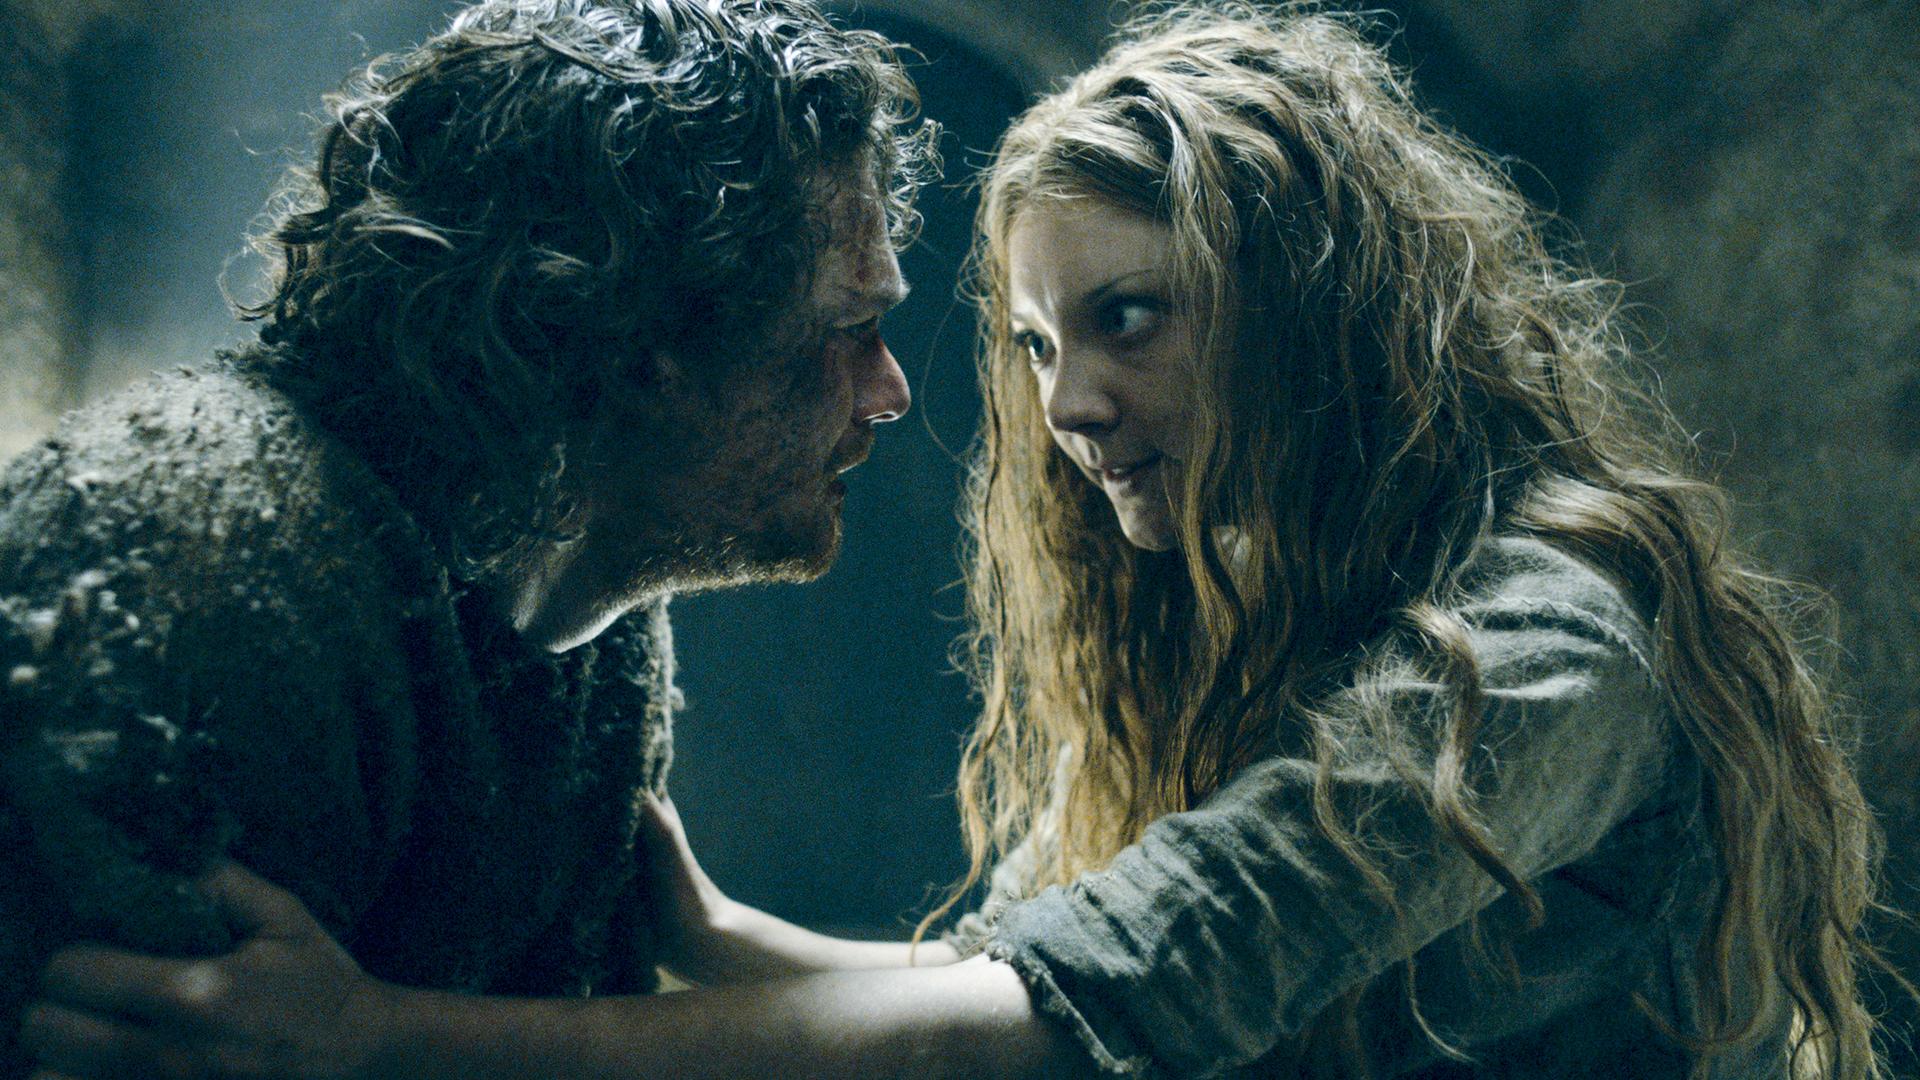 Natalie Dormer and Finn Jones in Game of Thrones (2011)